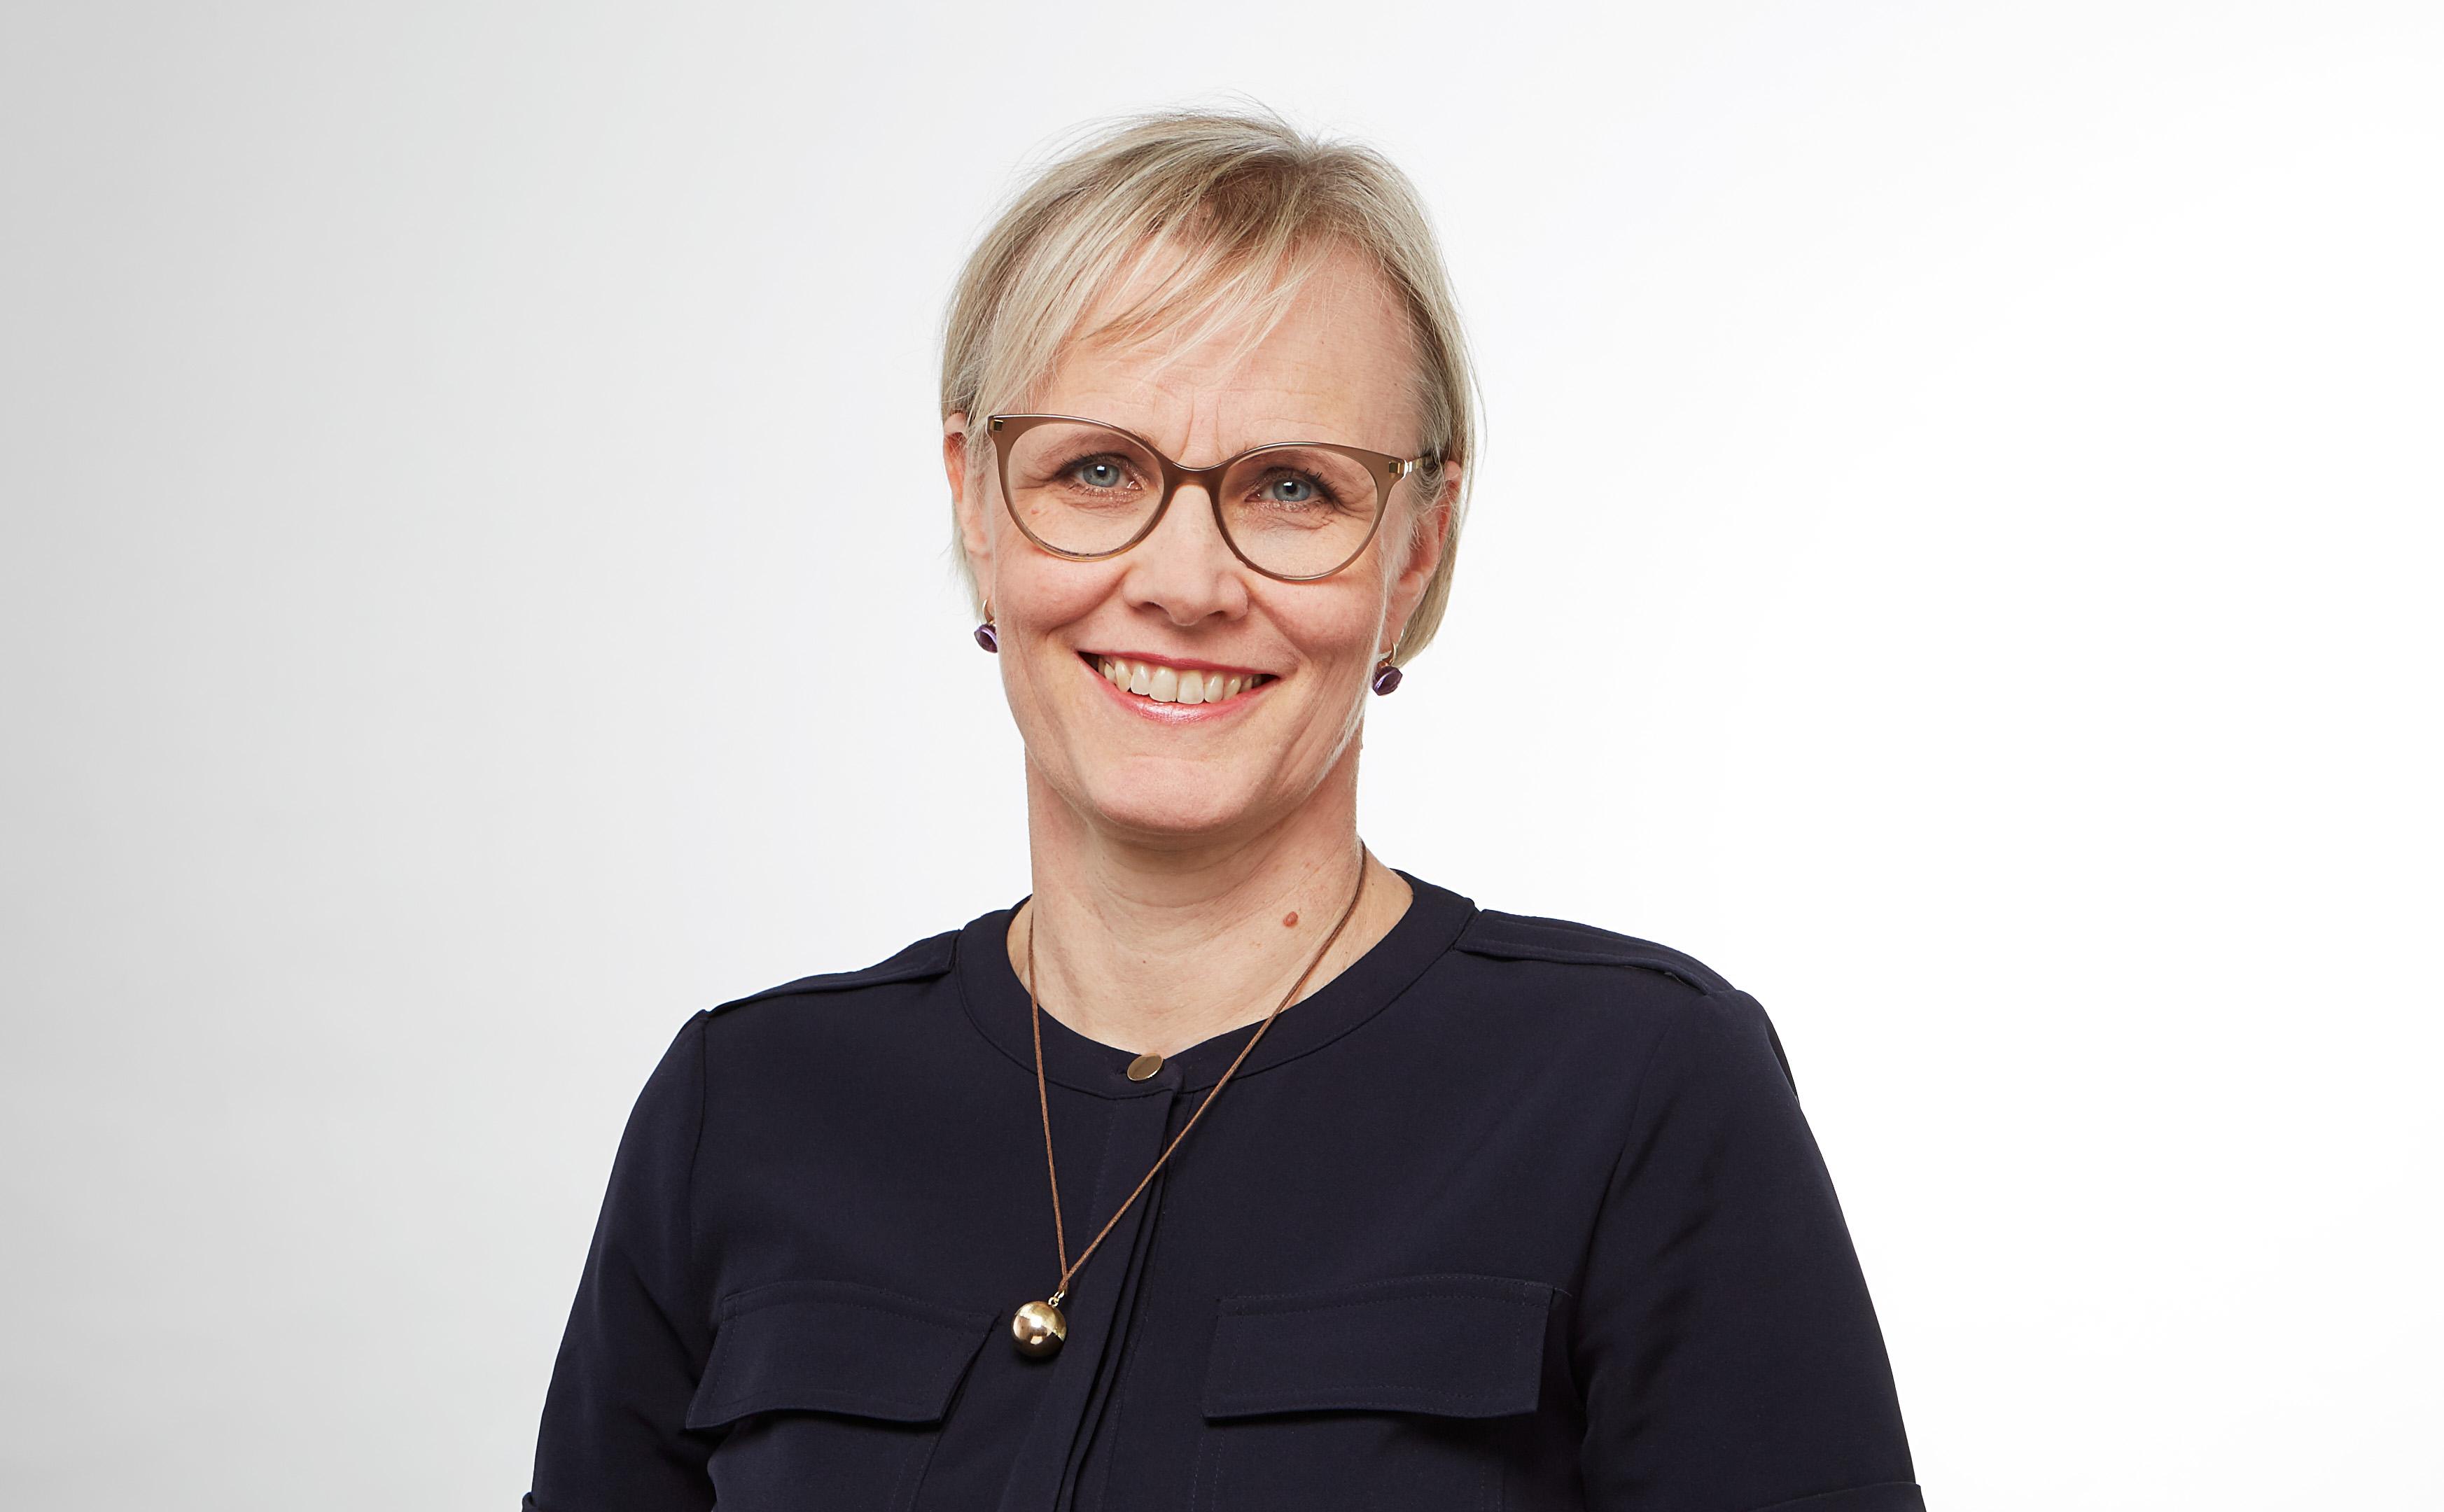 Dr. Sofia Harrschar